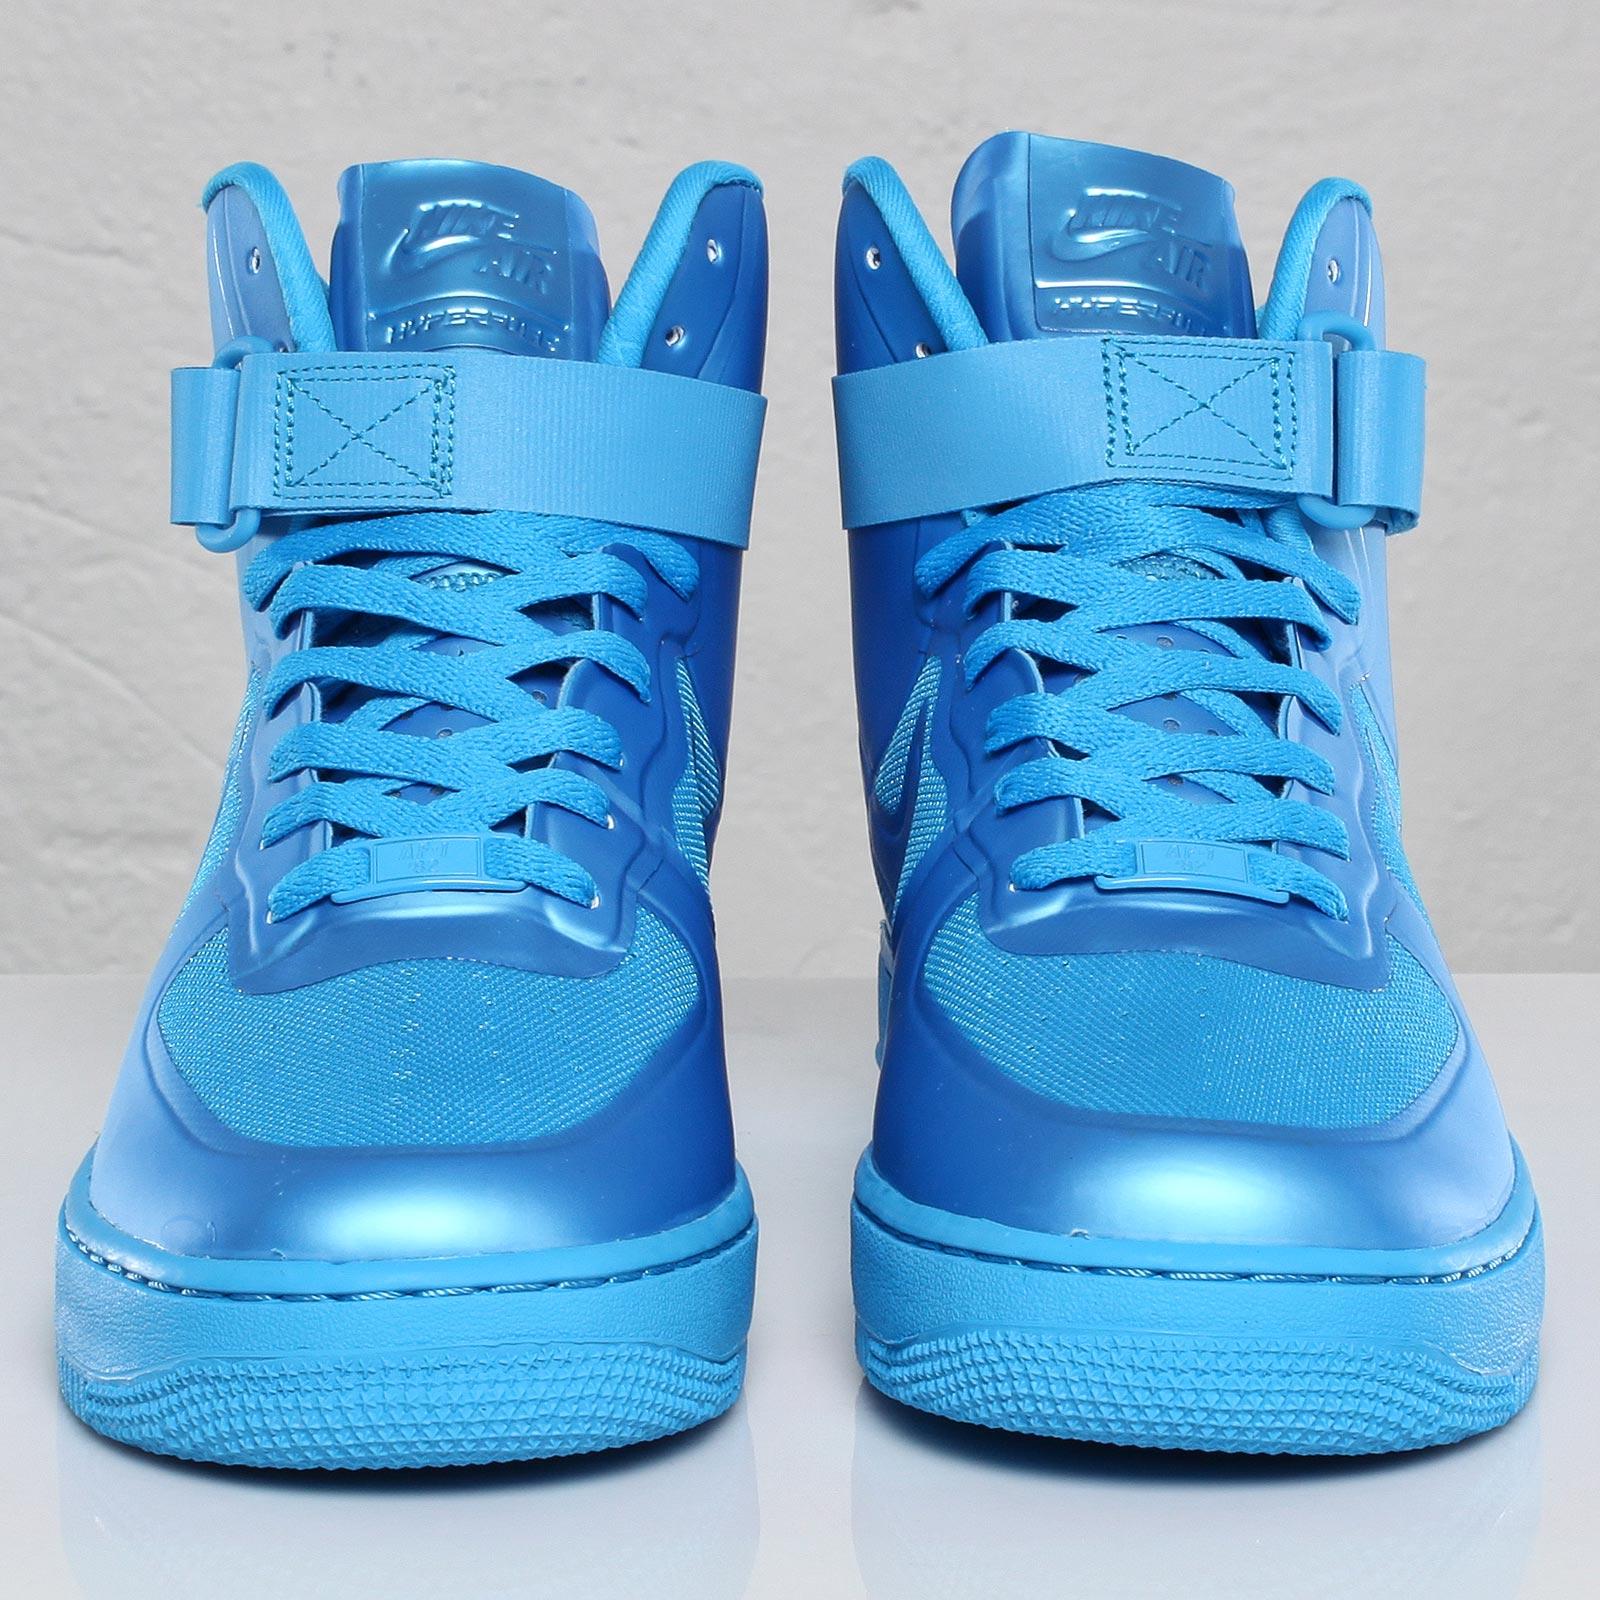 sports shoes 2793a fb37a ... get nike air force 1 hi hyp prm c767f 9b536